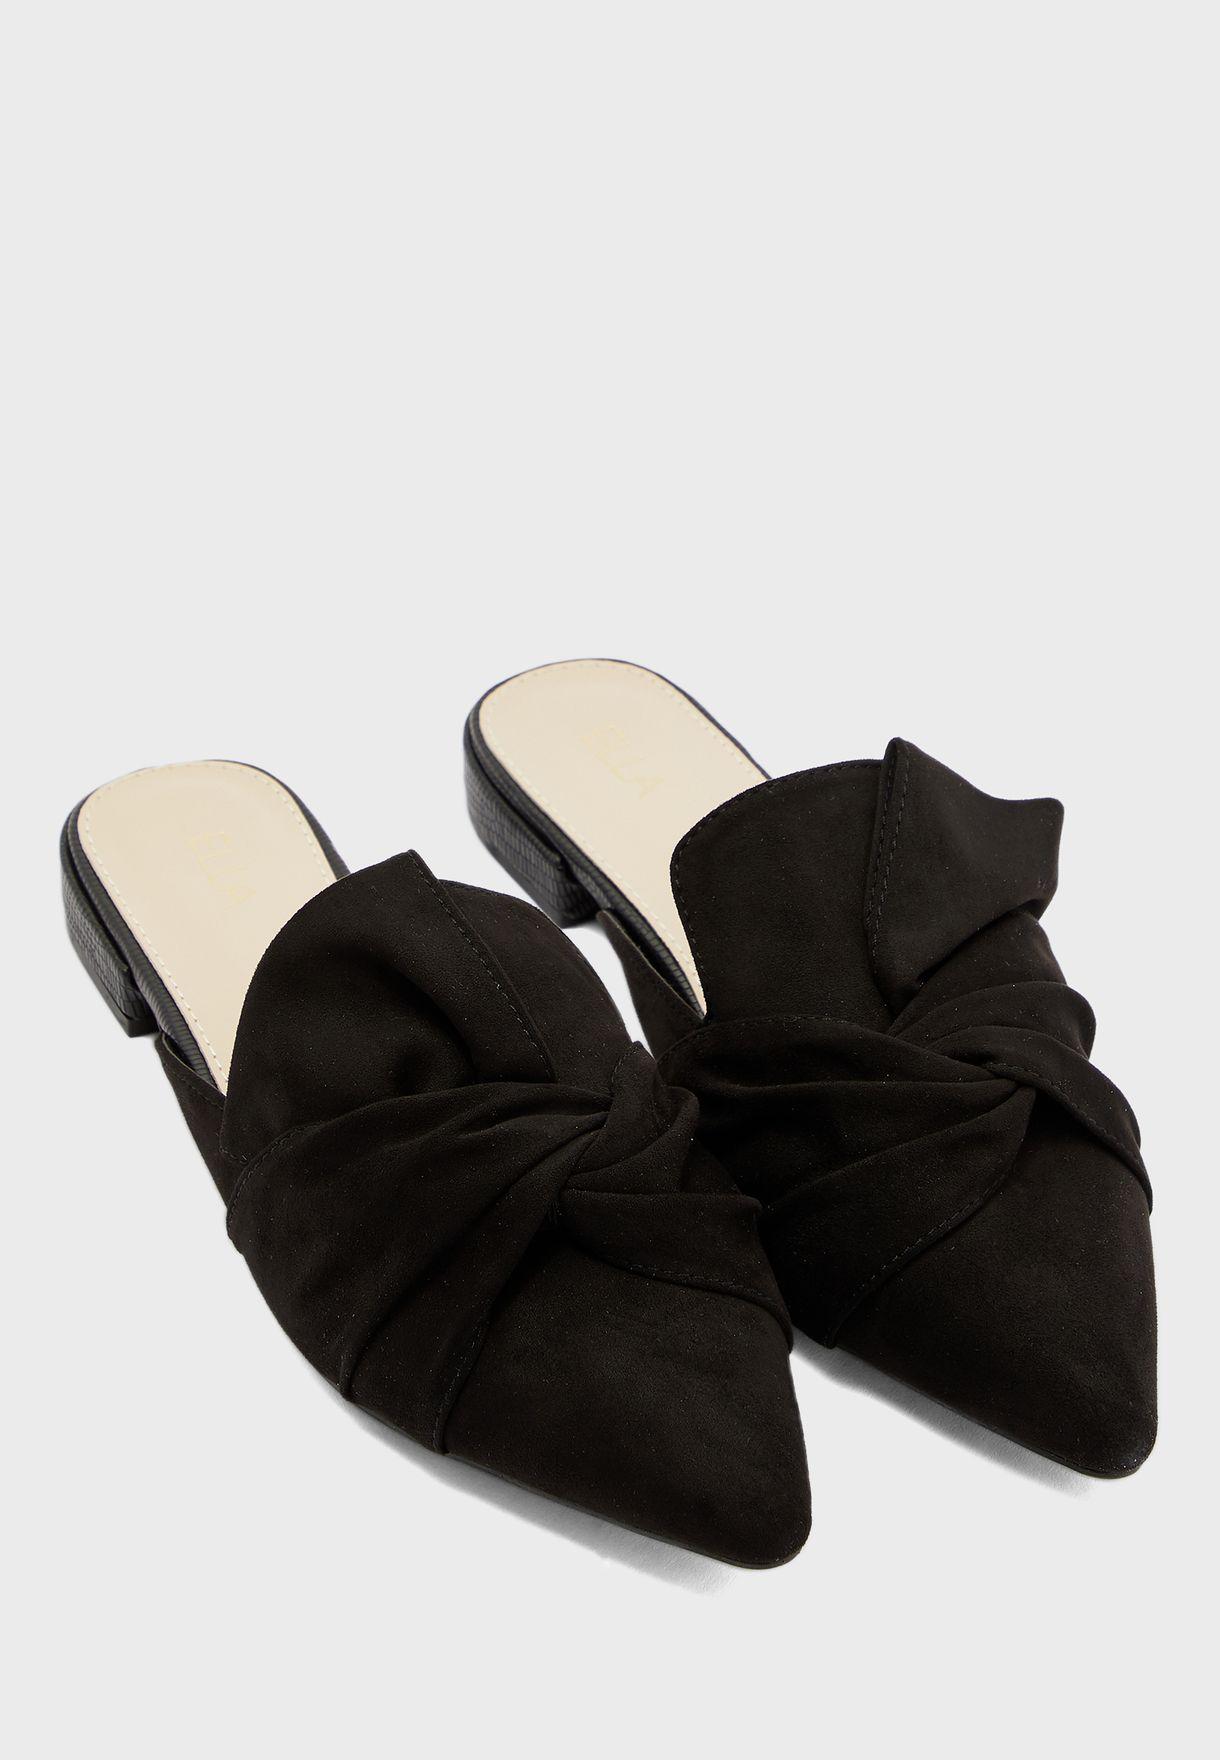 حذاء مزين بعقدة